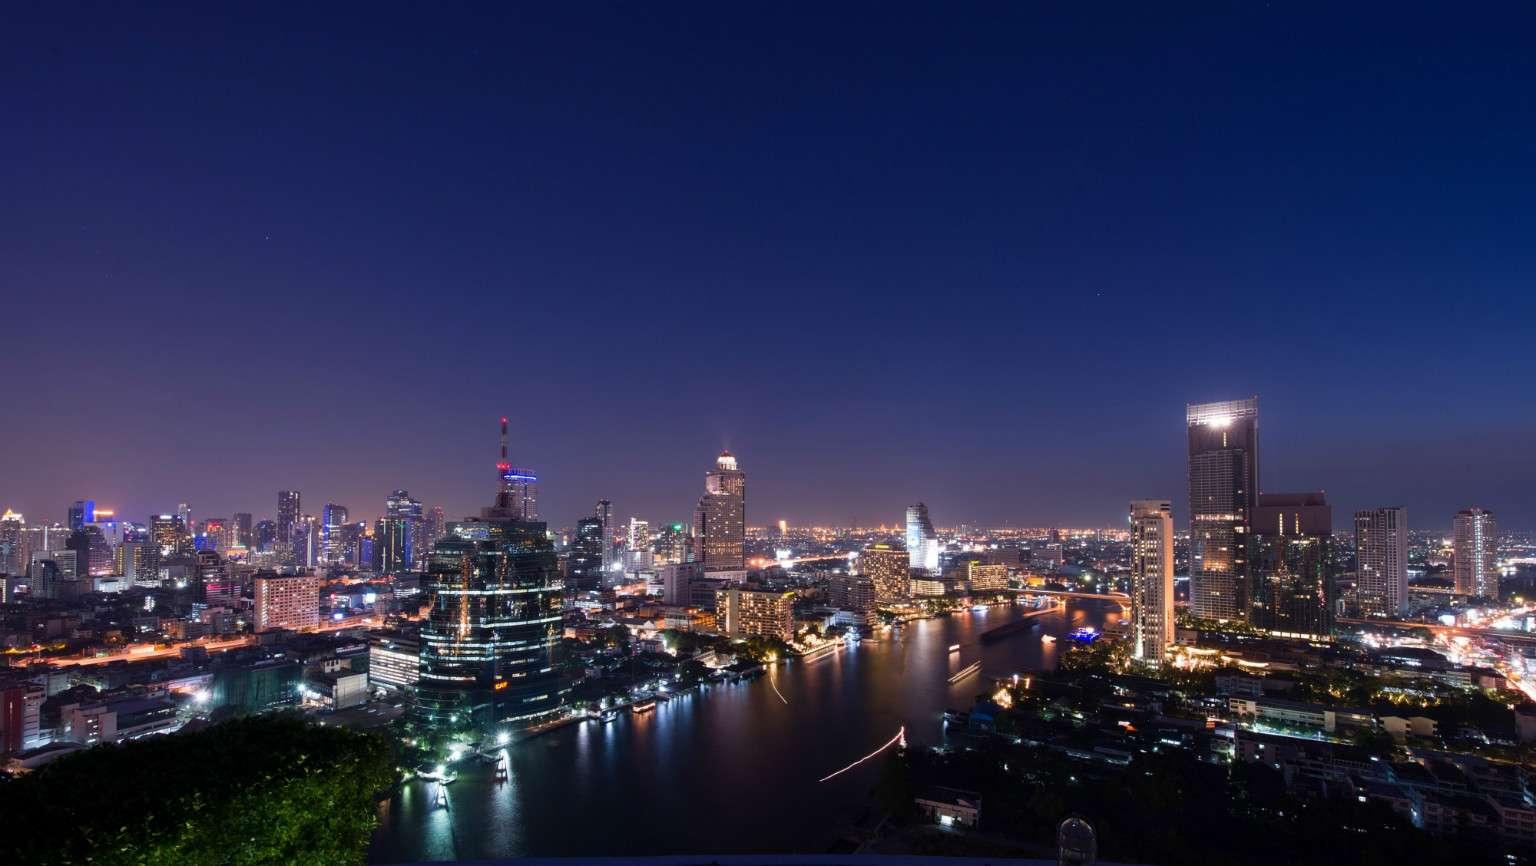 Sky Line bij nacht over rivier en stad vanaf de Three sixty sky bar